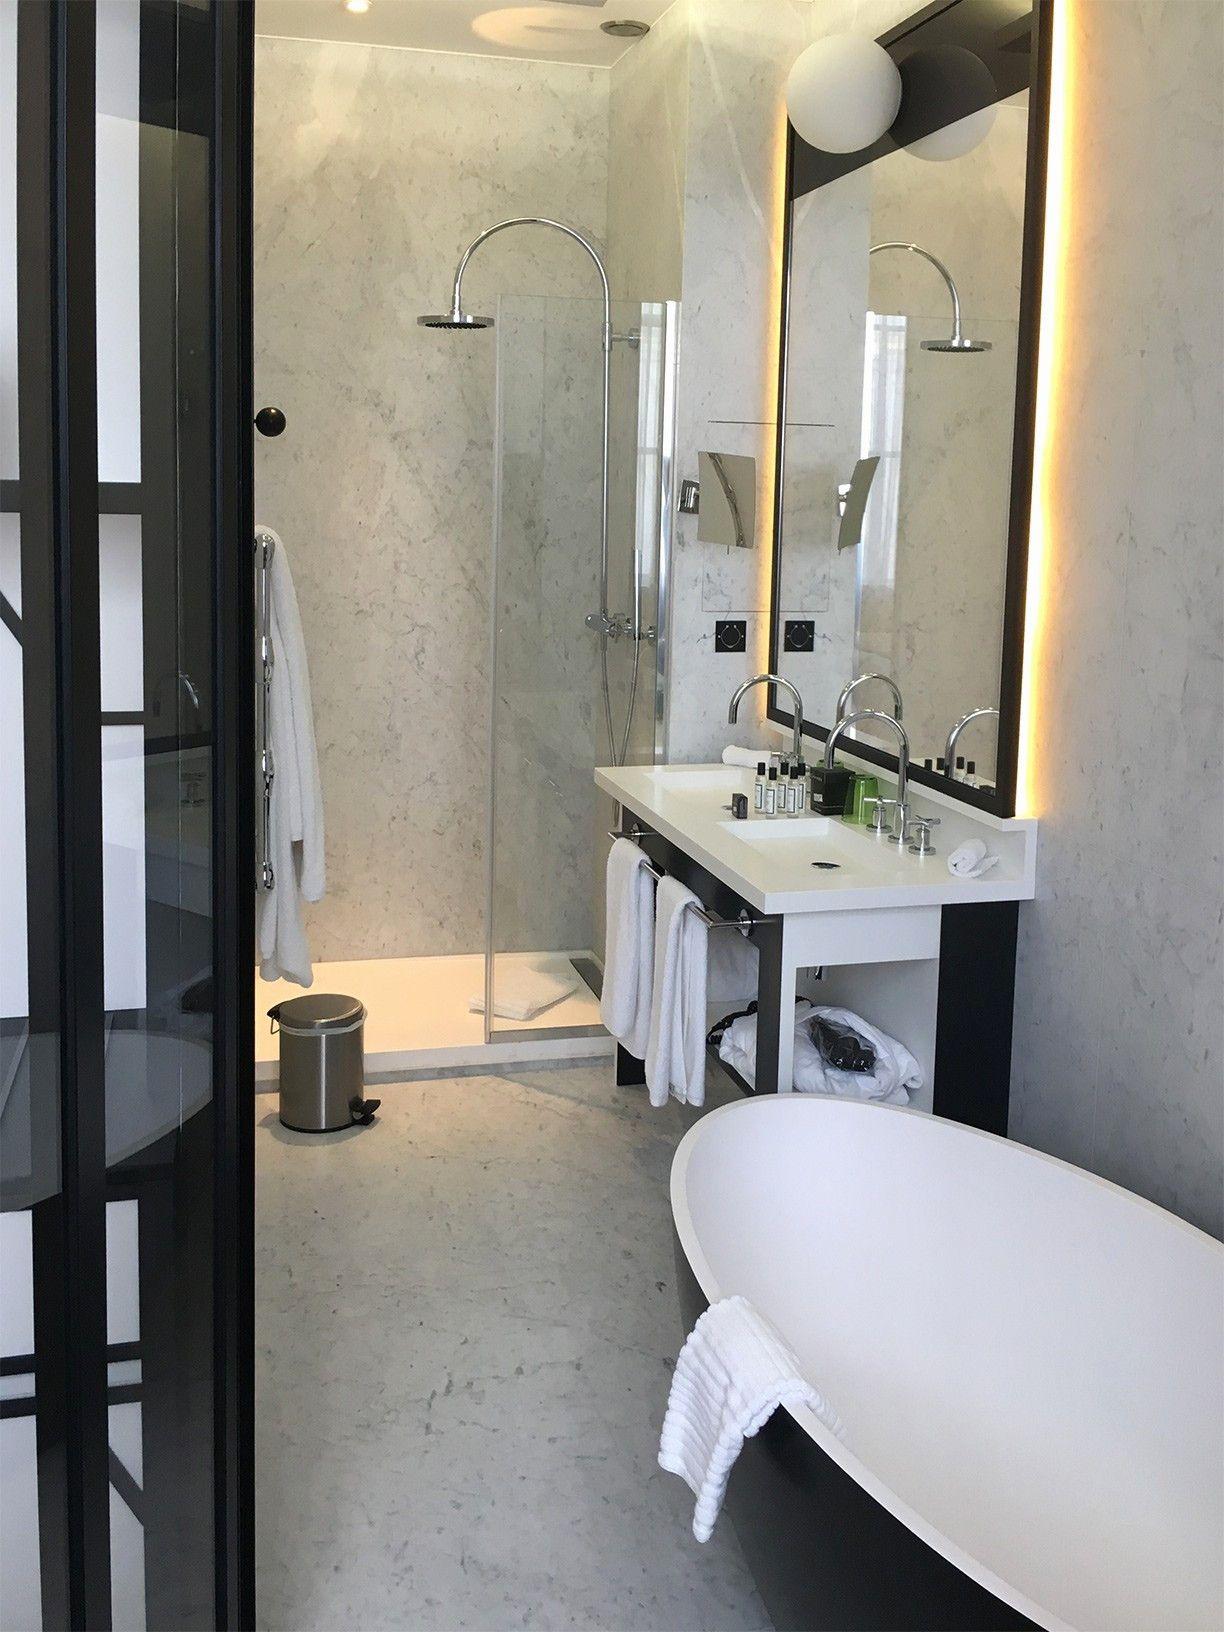 Photo Salle Bain Moderne unique image salle de bain moderne | salle de bains moderne